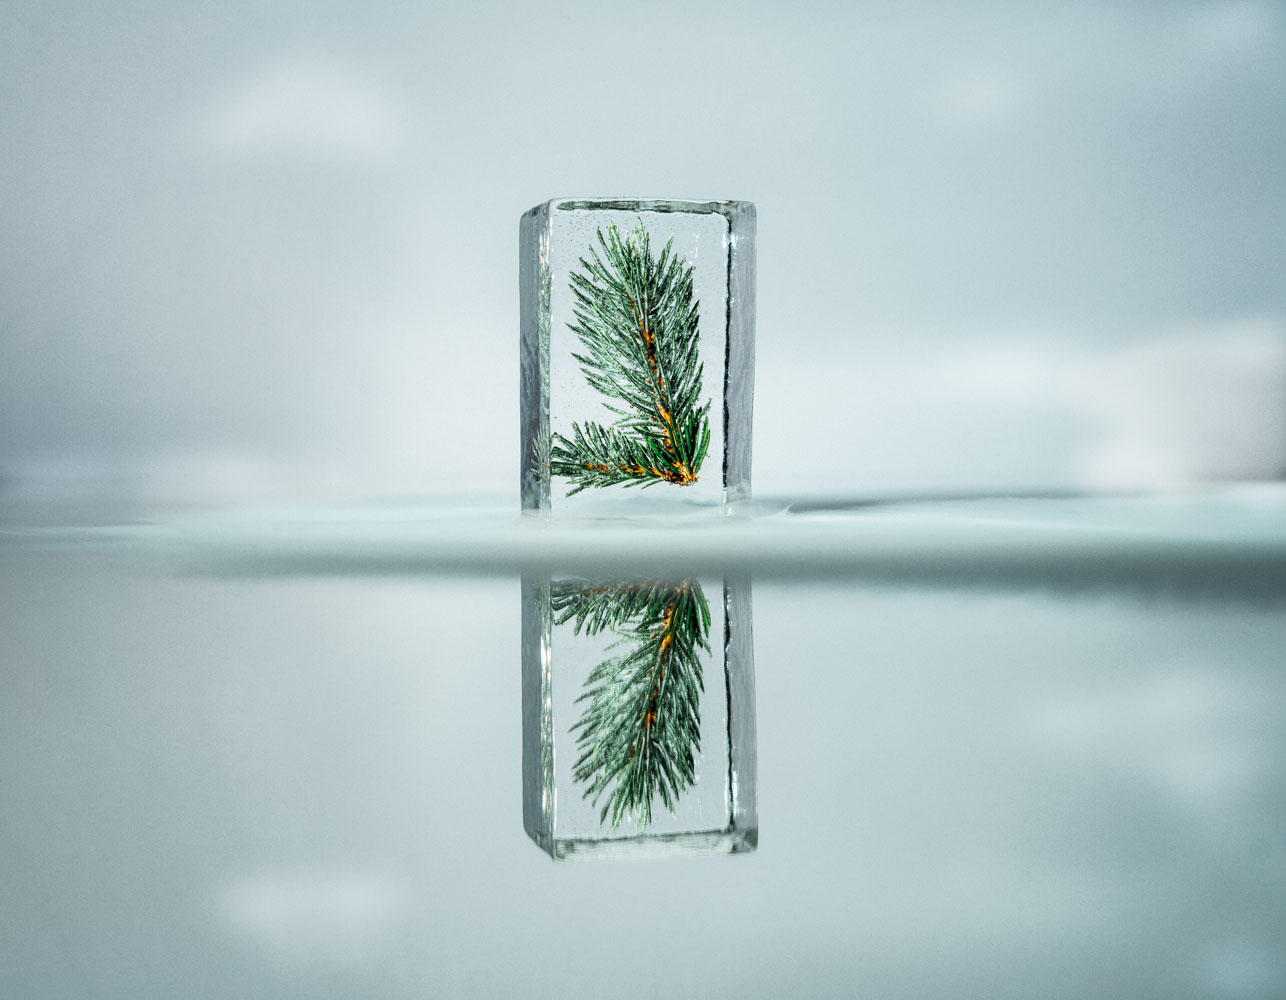 nord_ice_cube-32.jpg